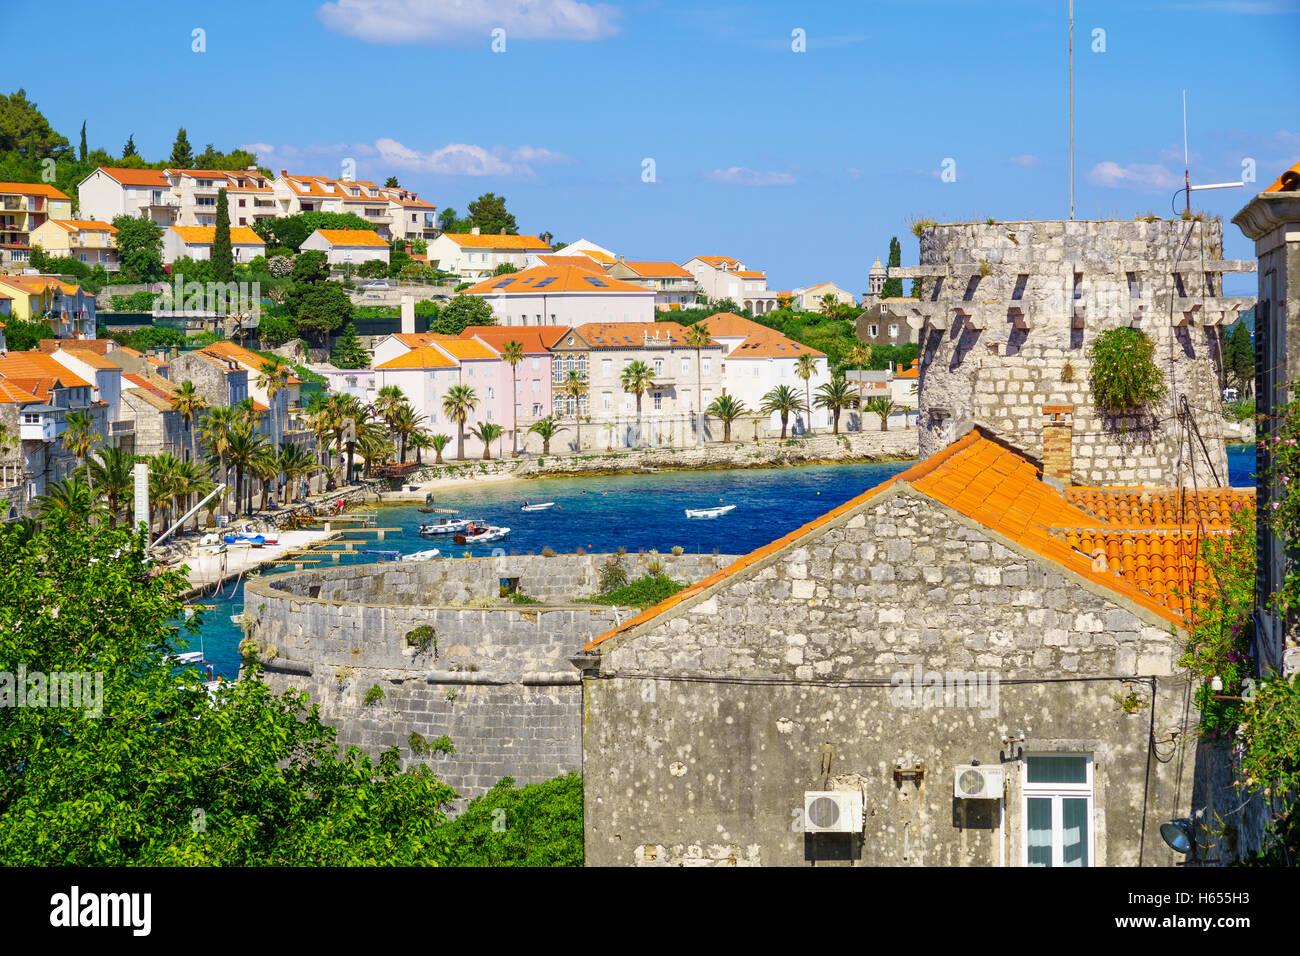 KORCULA, Kroatien - 26. Juni 2015: Szene der Altstadt, mit dem Gouverneur Türmchen, die Bucht, Boote, einheimische Stockbild